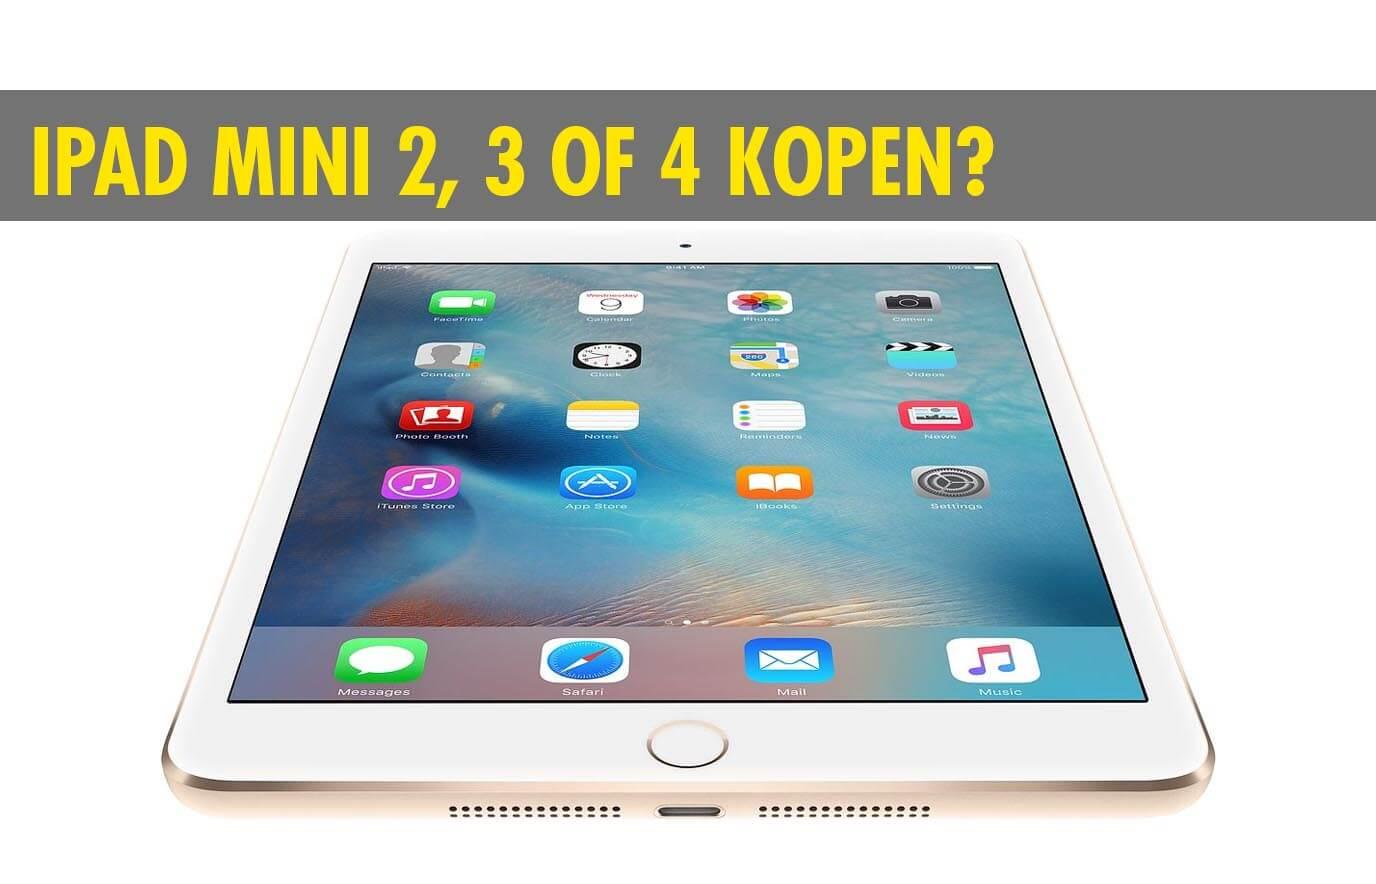 iPad Mini kopen? Een klein, veelzijdig apparaat!